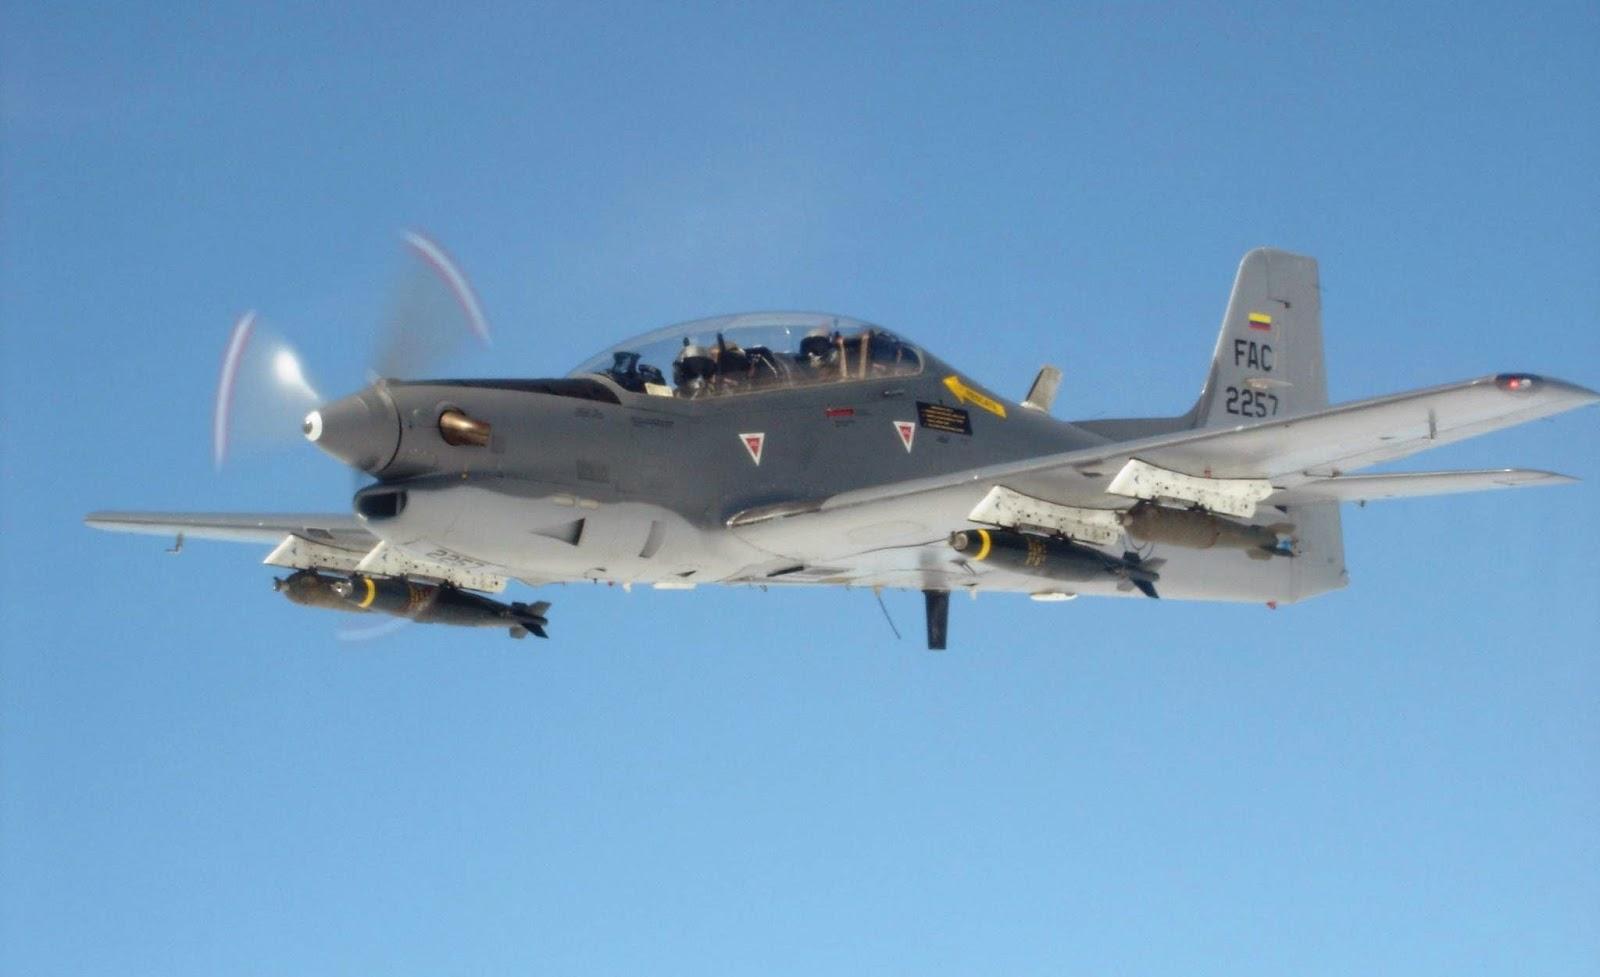 Aviones AT-27M Tucano de la Fuerza Aérea Colombiana destrulleron en una misión de bombardeo, una fábrica de explosivos del séptimo frente de las Farc